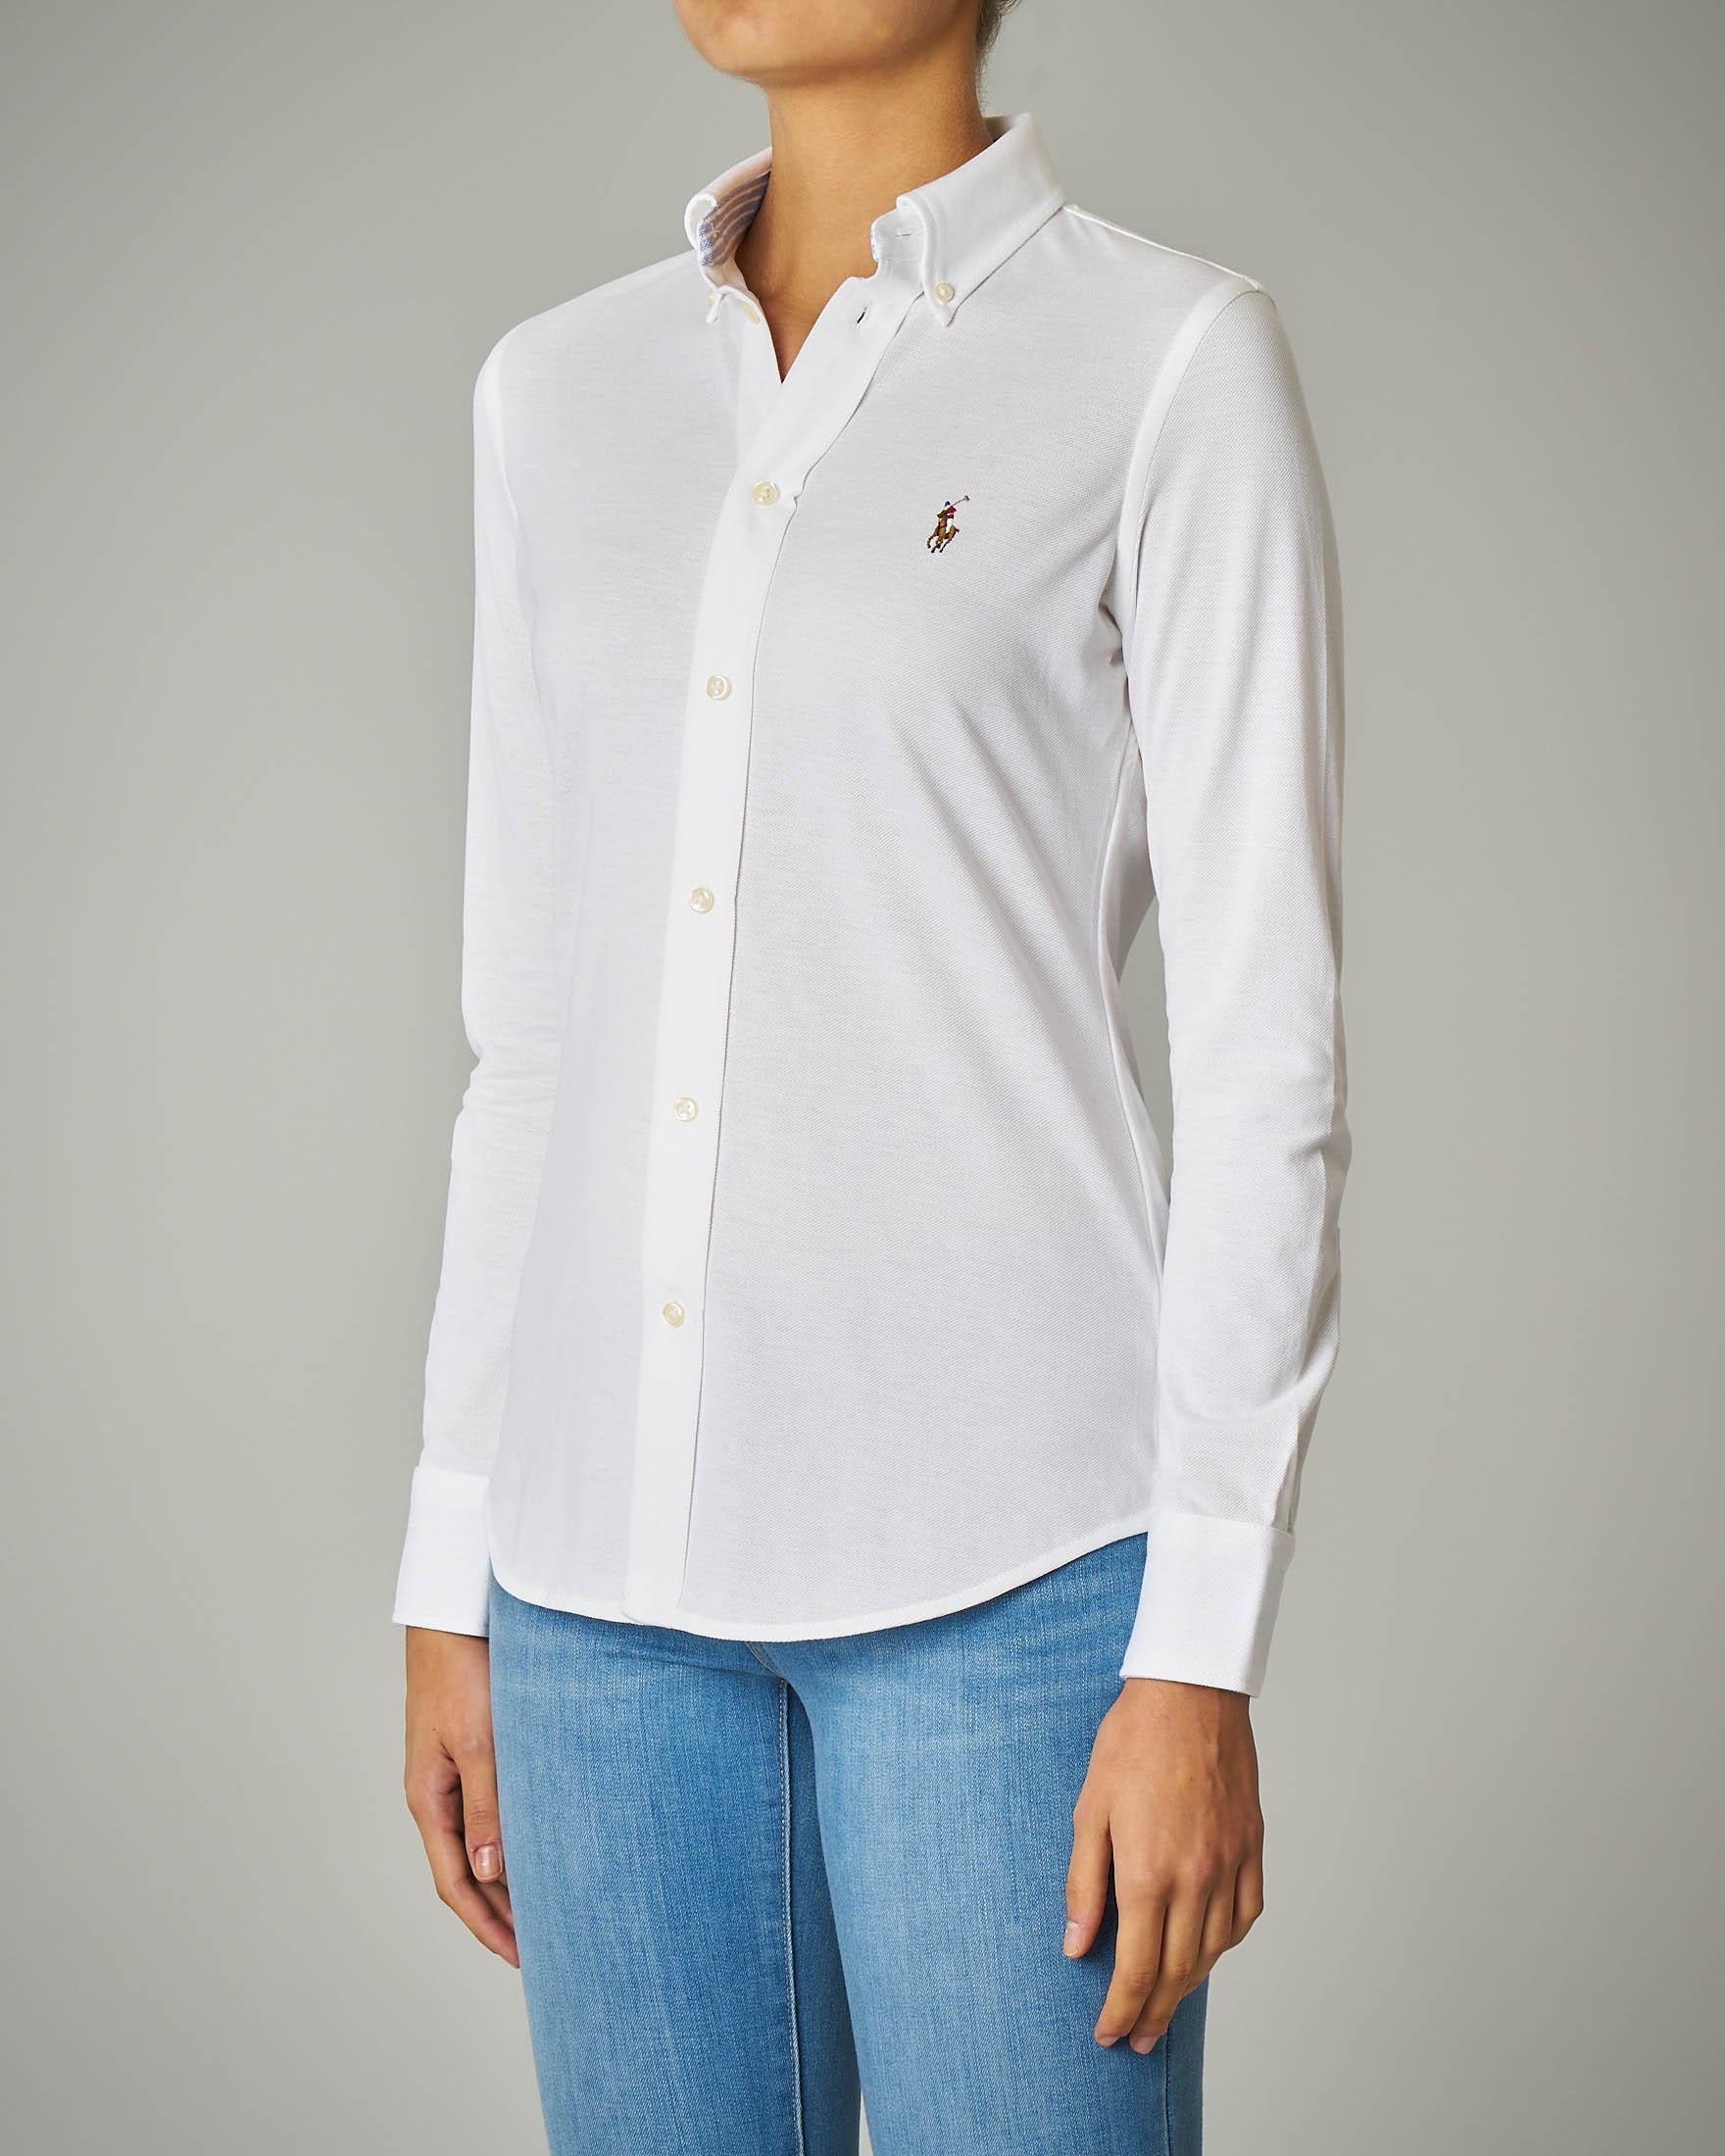 Camicia bianca in piquè di cotone